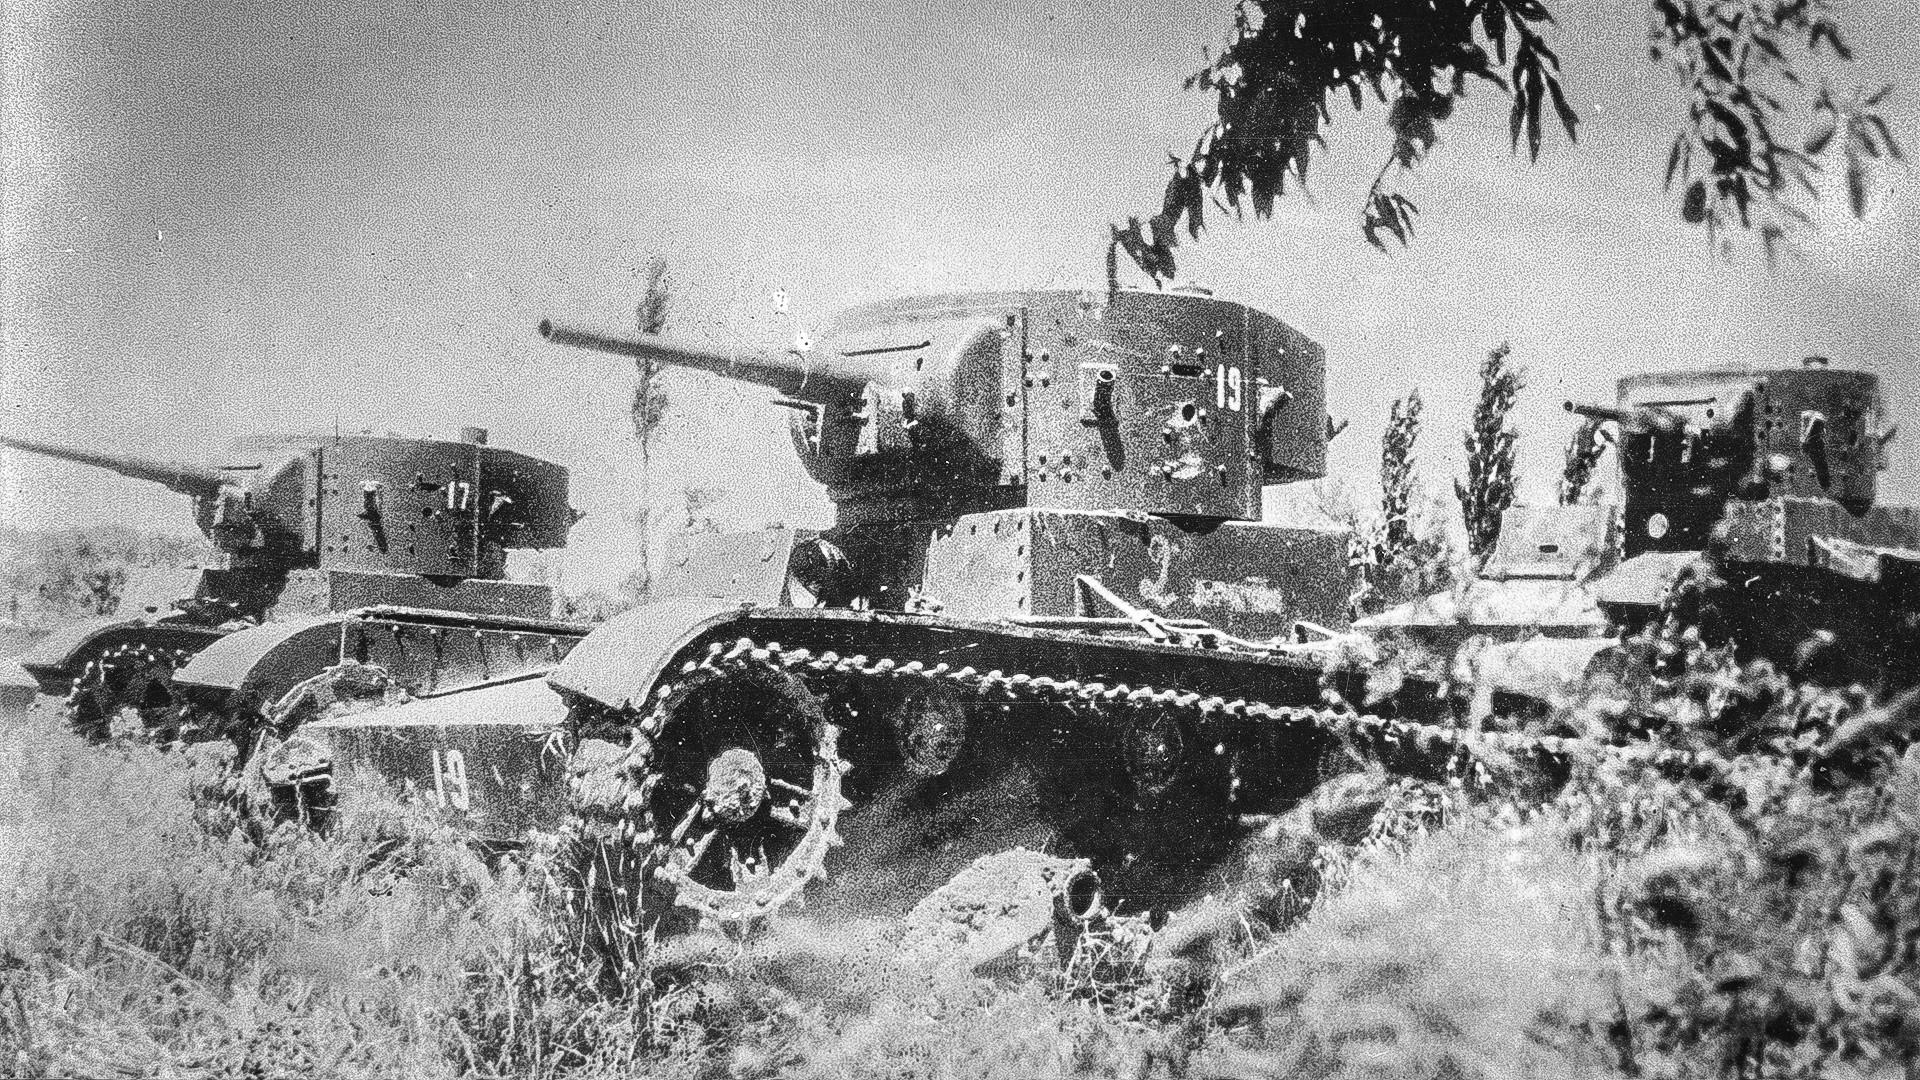 Три лака тенка Т-26 произведена у Совјетском Савезу учествују у бици у Шпанском грађанском рату.